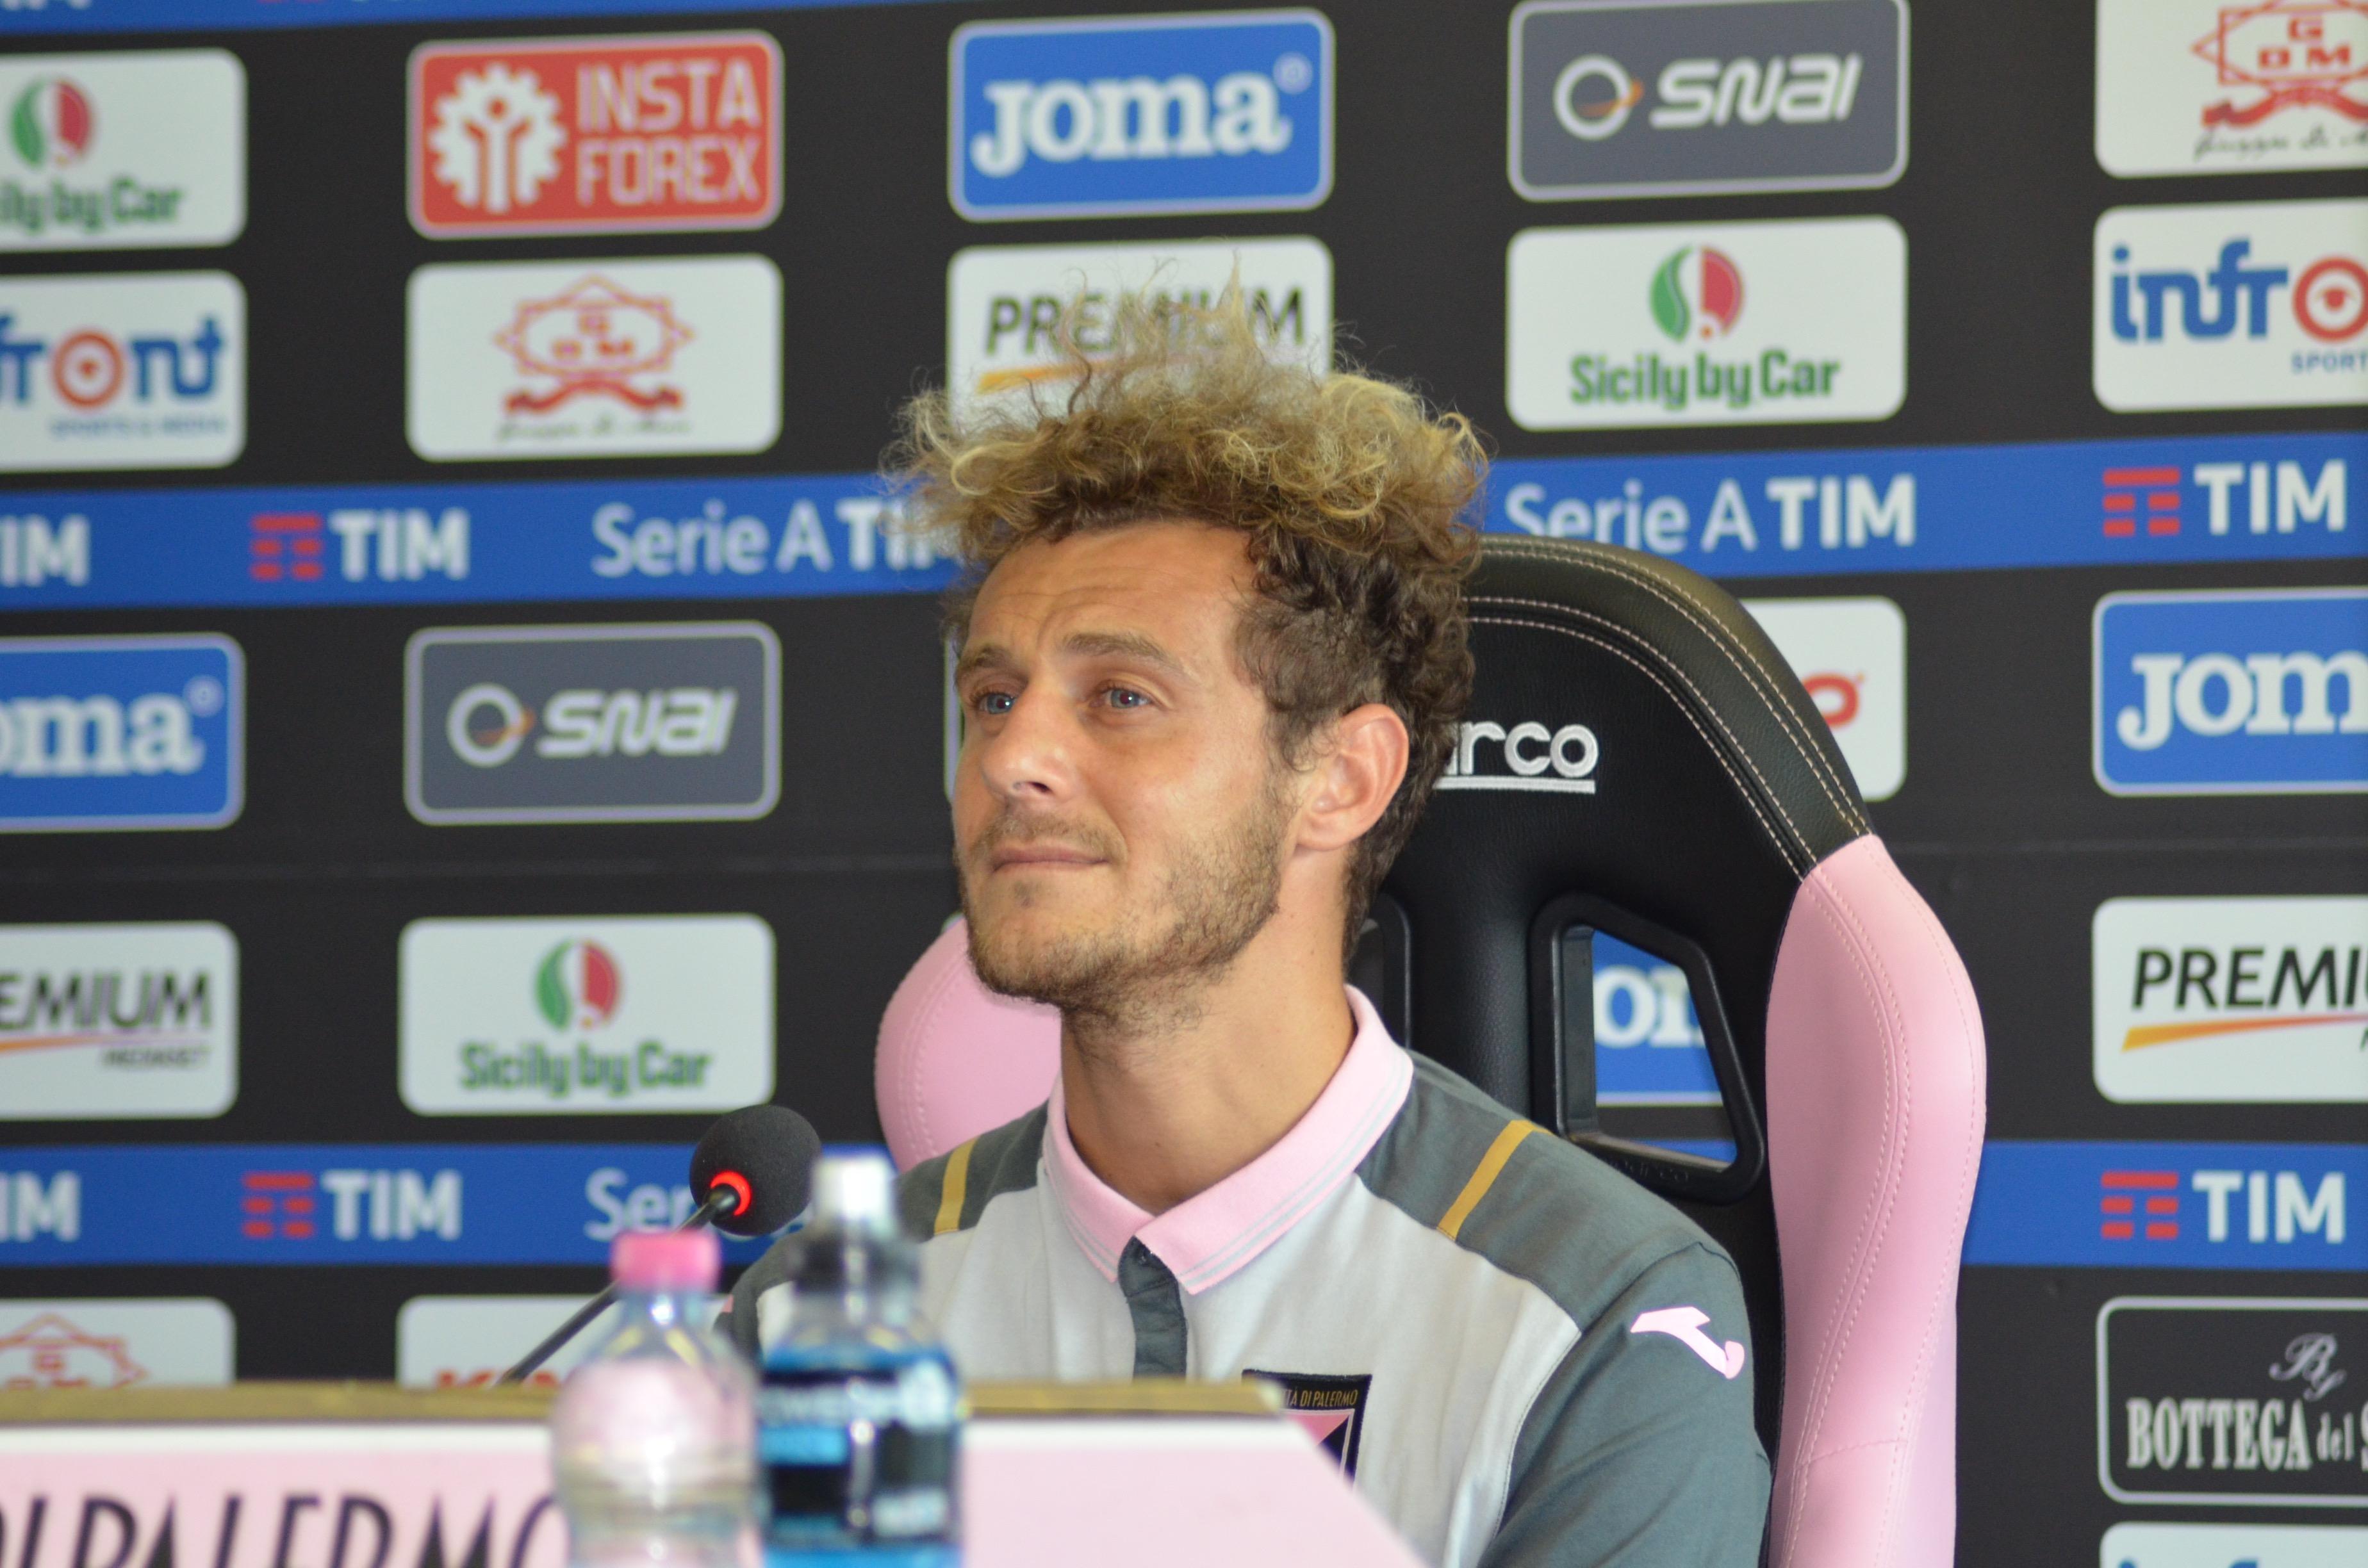 Probabili formazioni Palermo-Juventus: Cuadrado in campo dal primo minuto